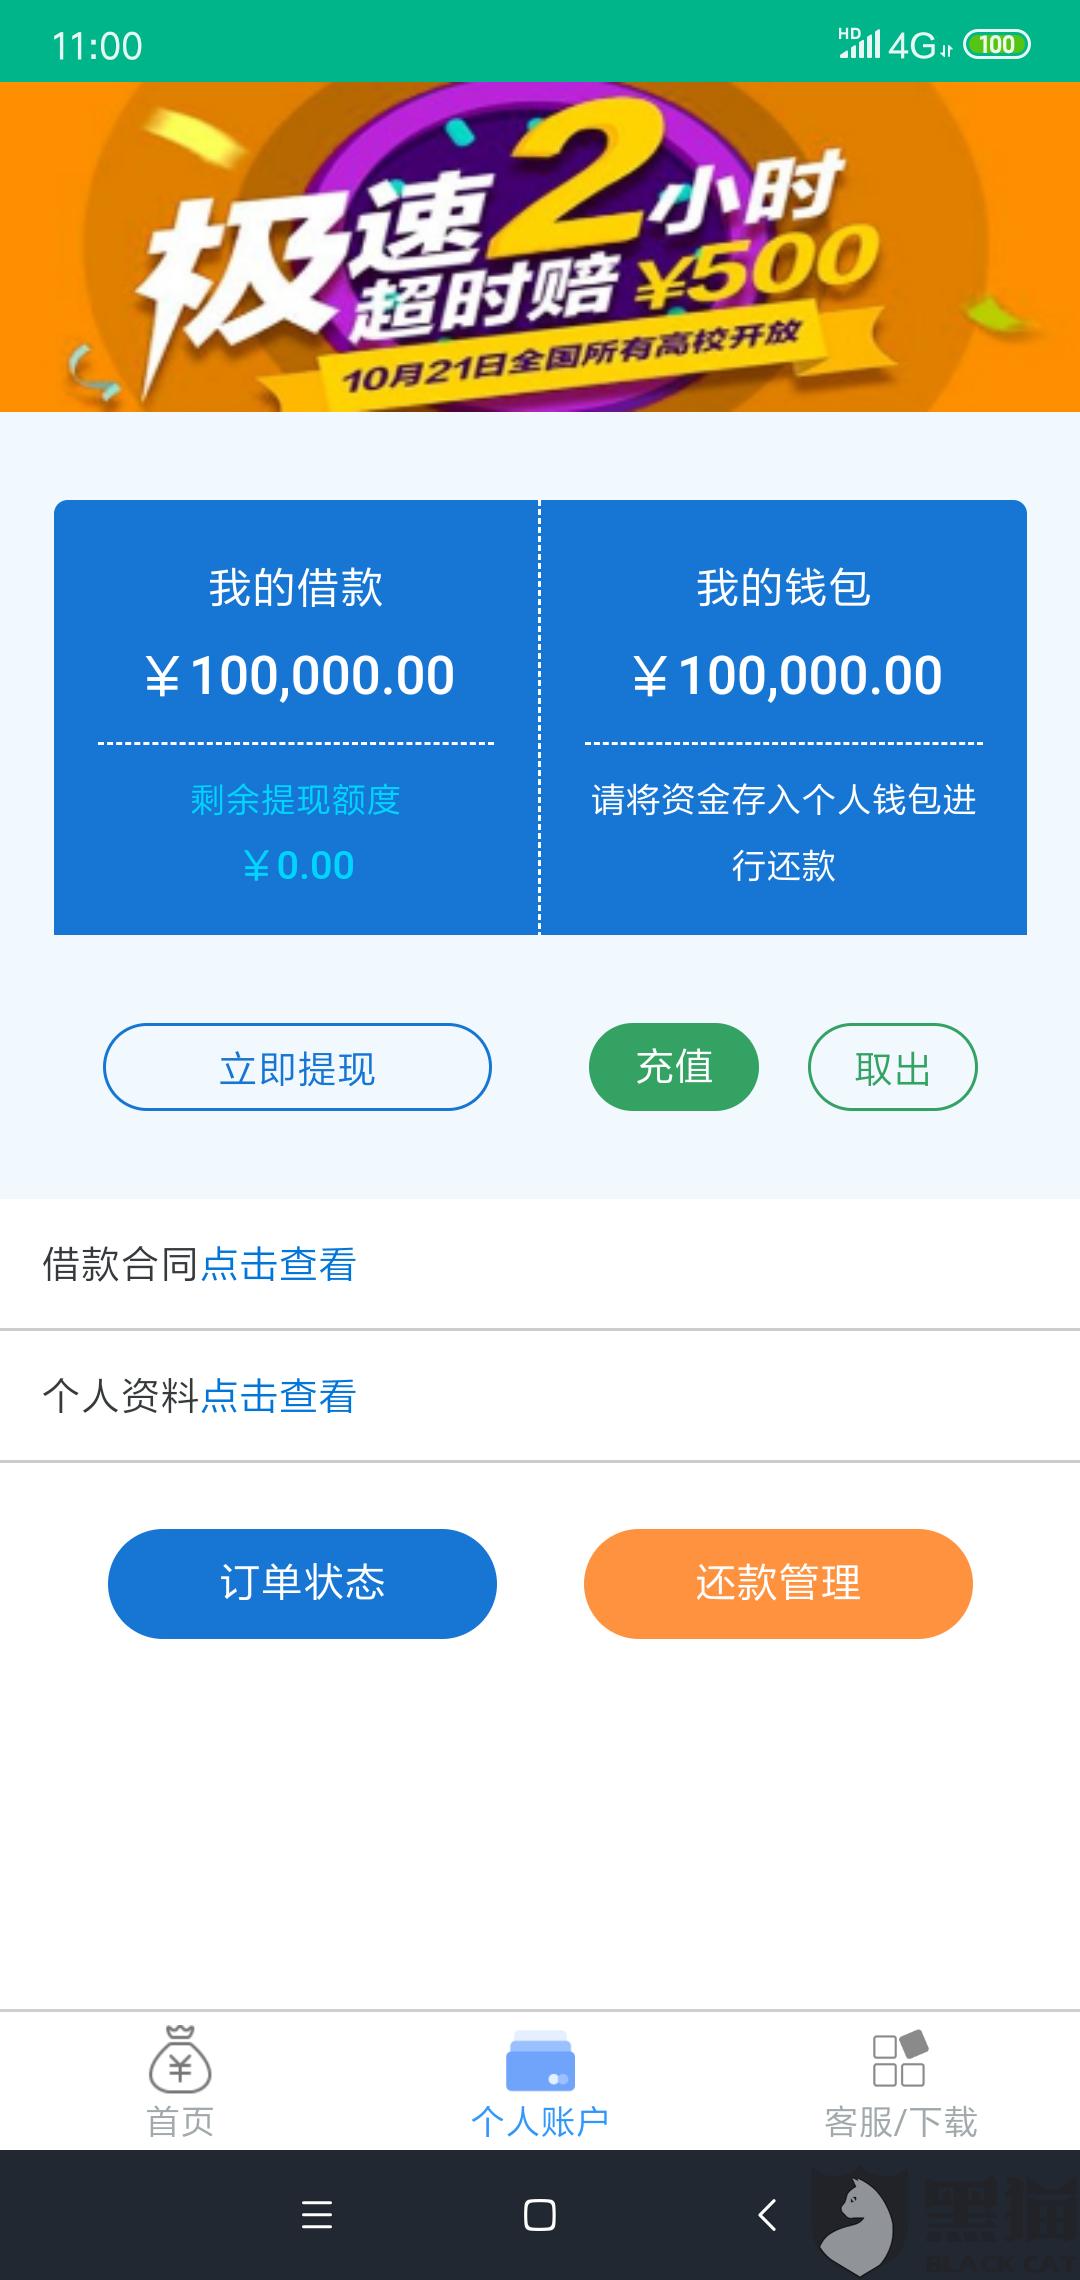 黑猫投诉:北京奇虎360科技有限公司